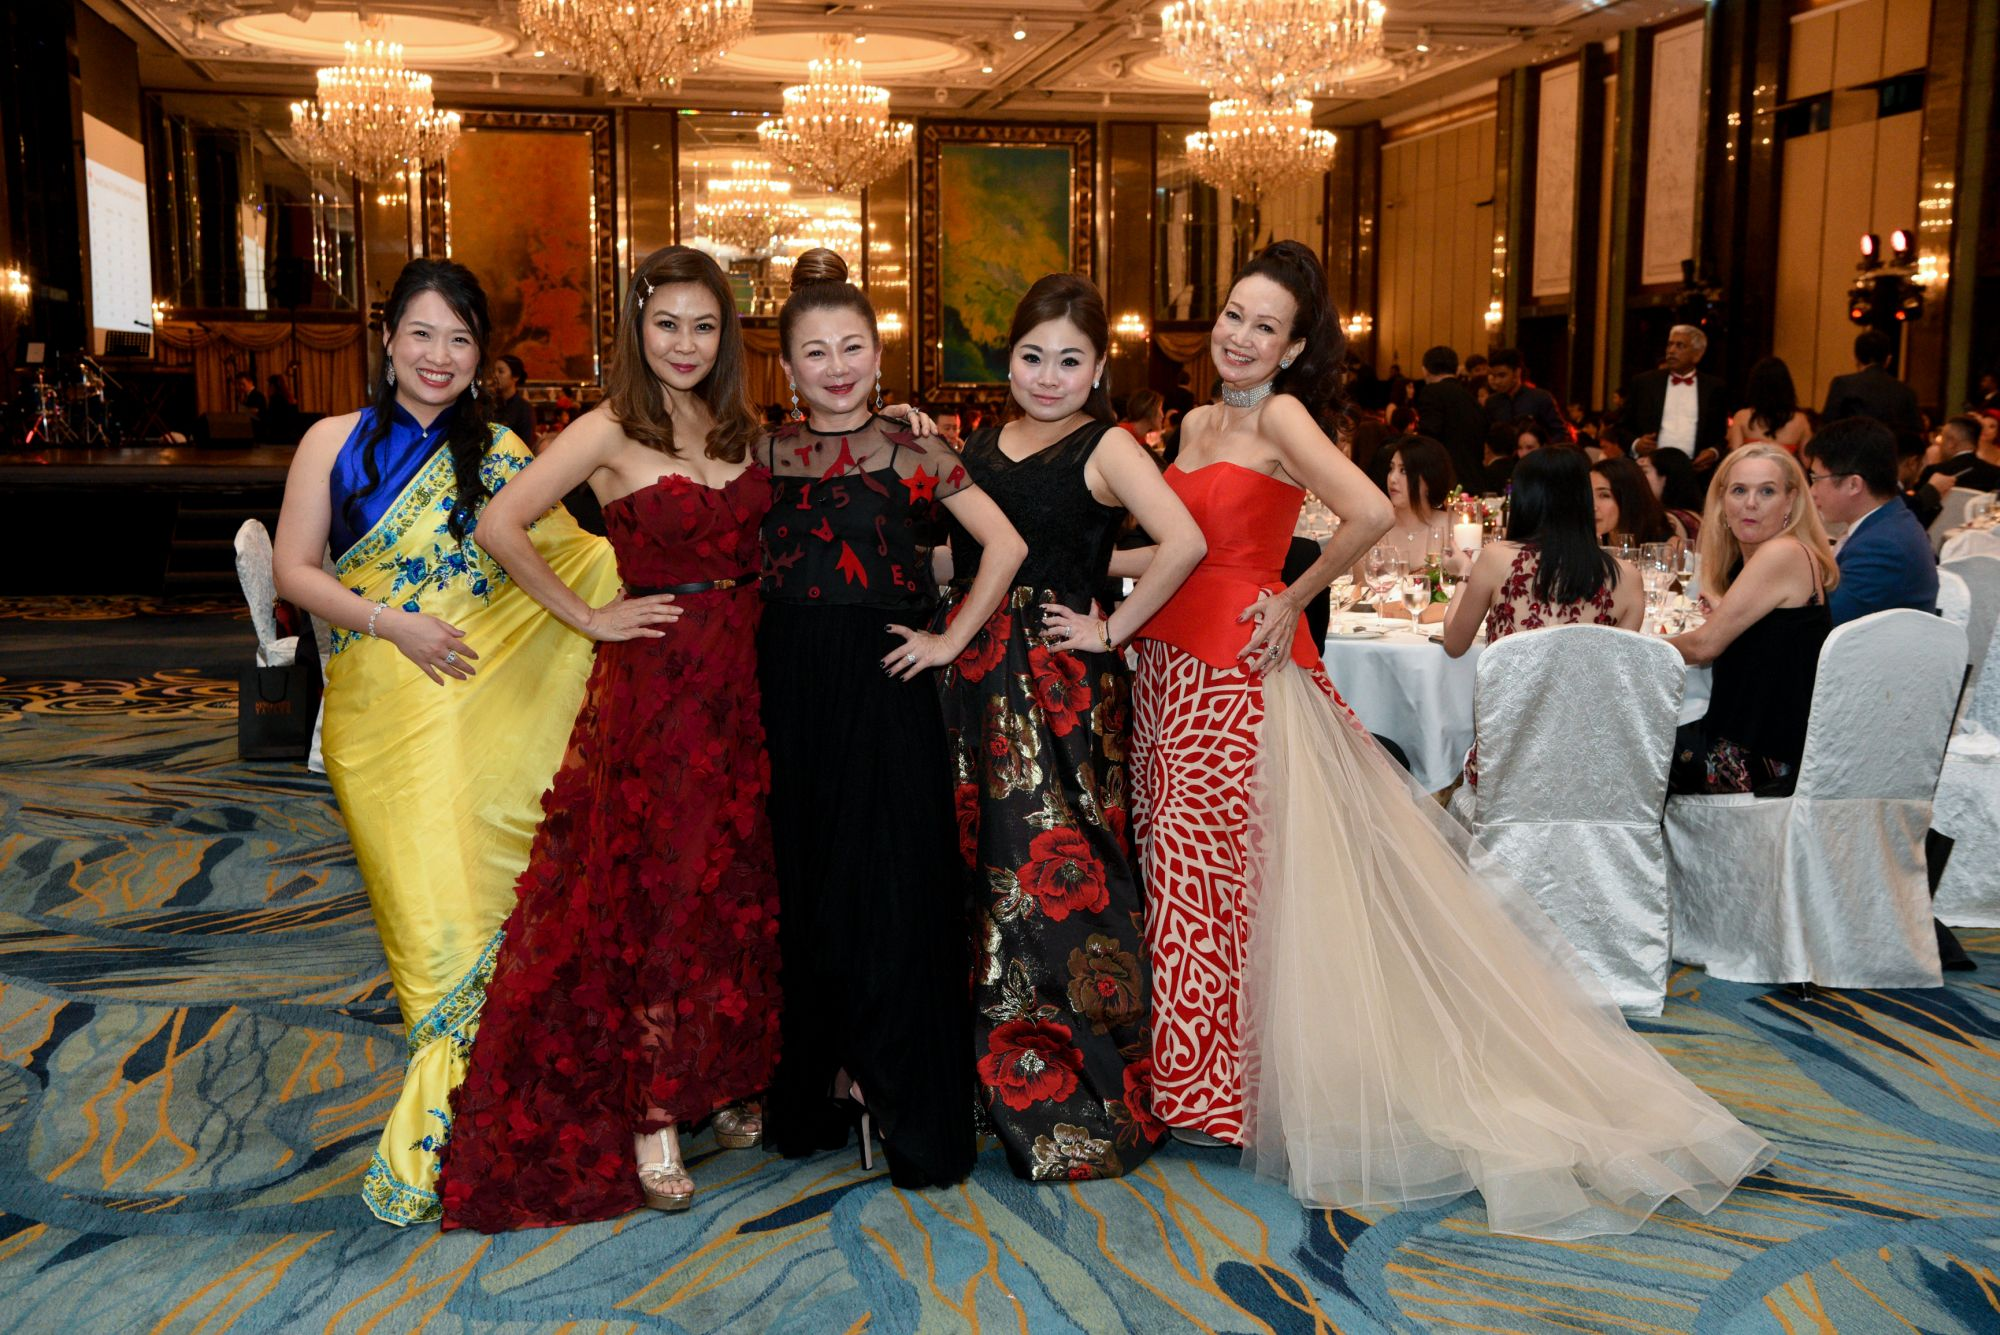 Lisa Gwee, Alicia Thian, Angela Ng, Vivian Ang, Celeste Basapa